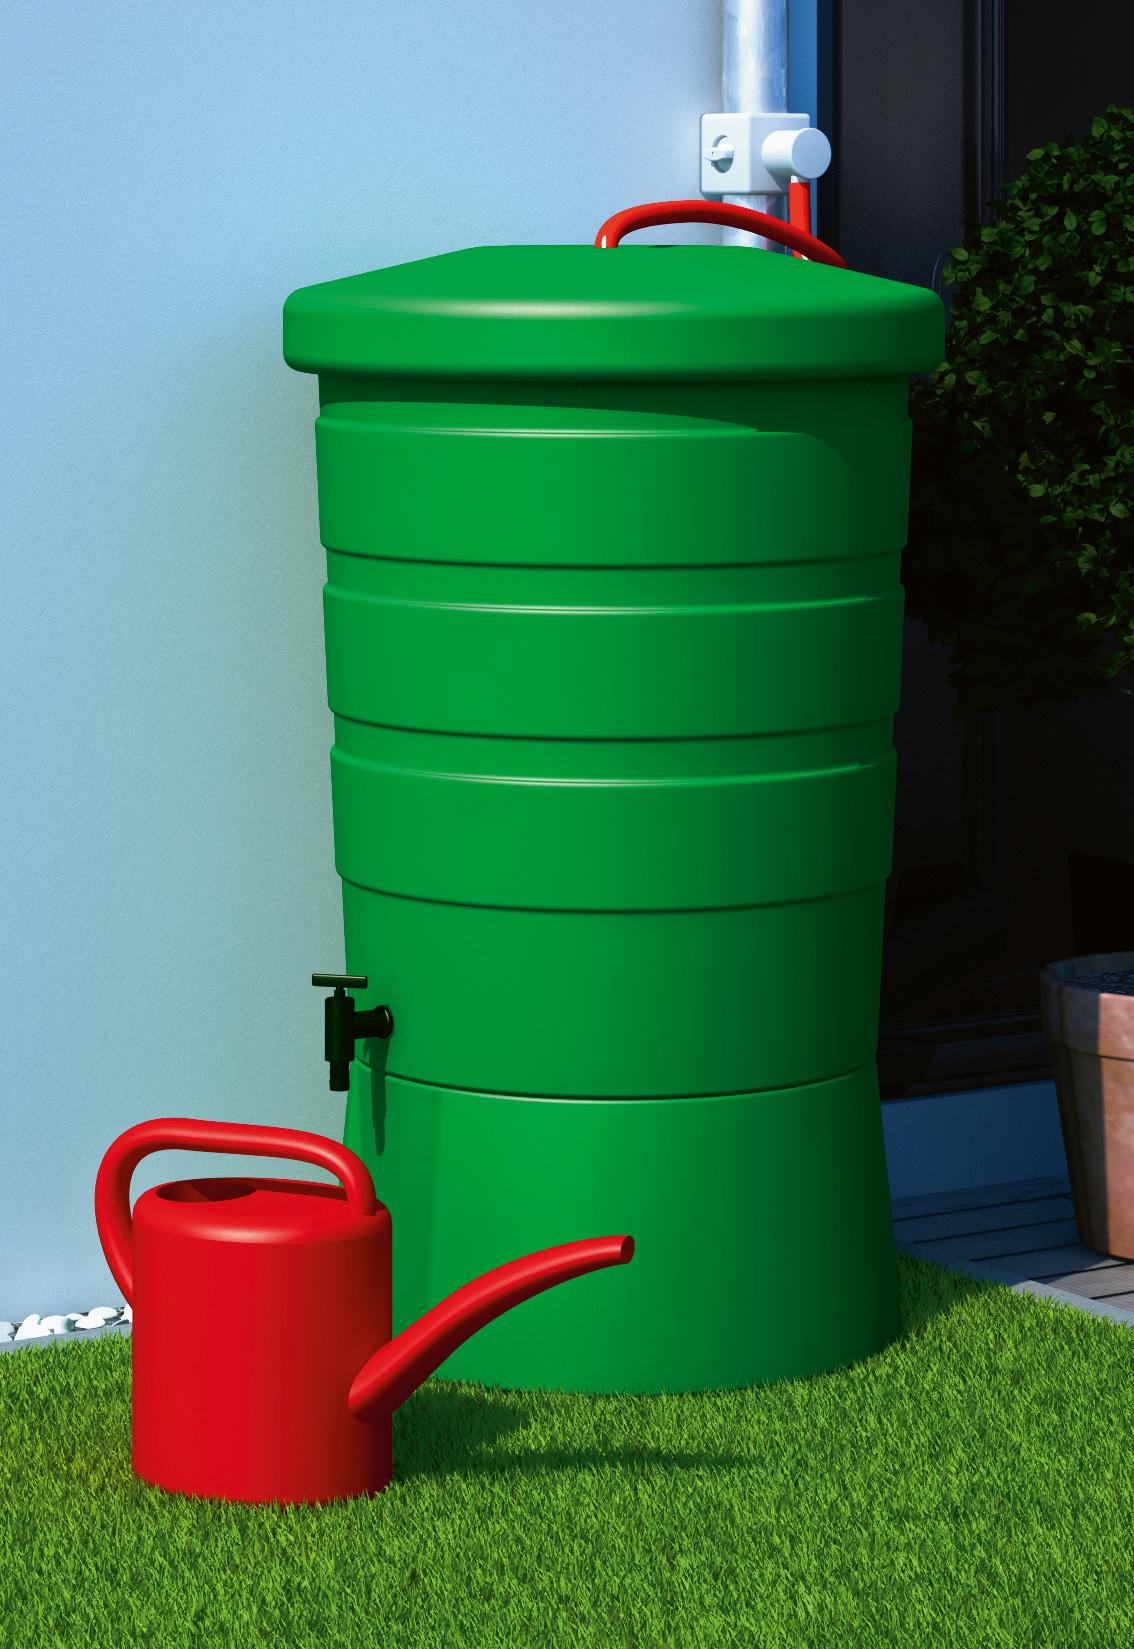 Regenwasser optimal nutzen garten freizeit tipps for Pool hagebaumarkt